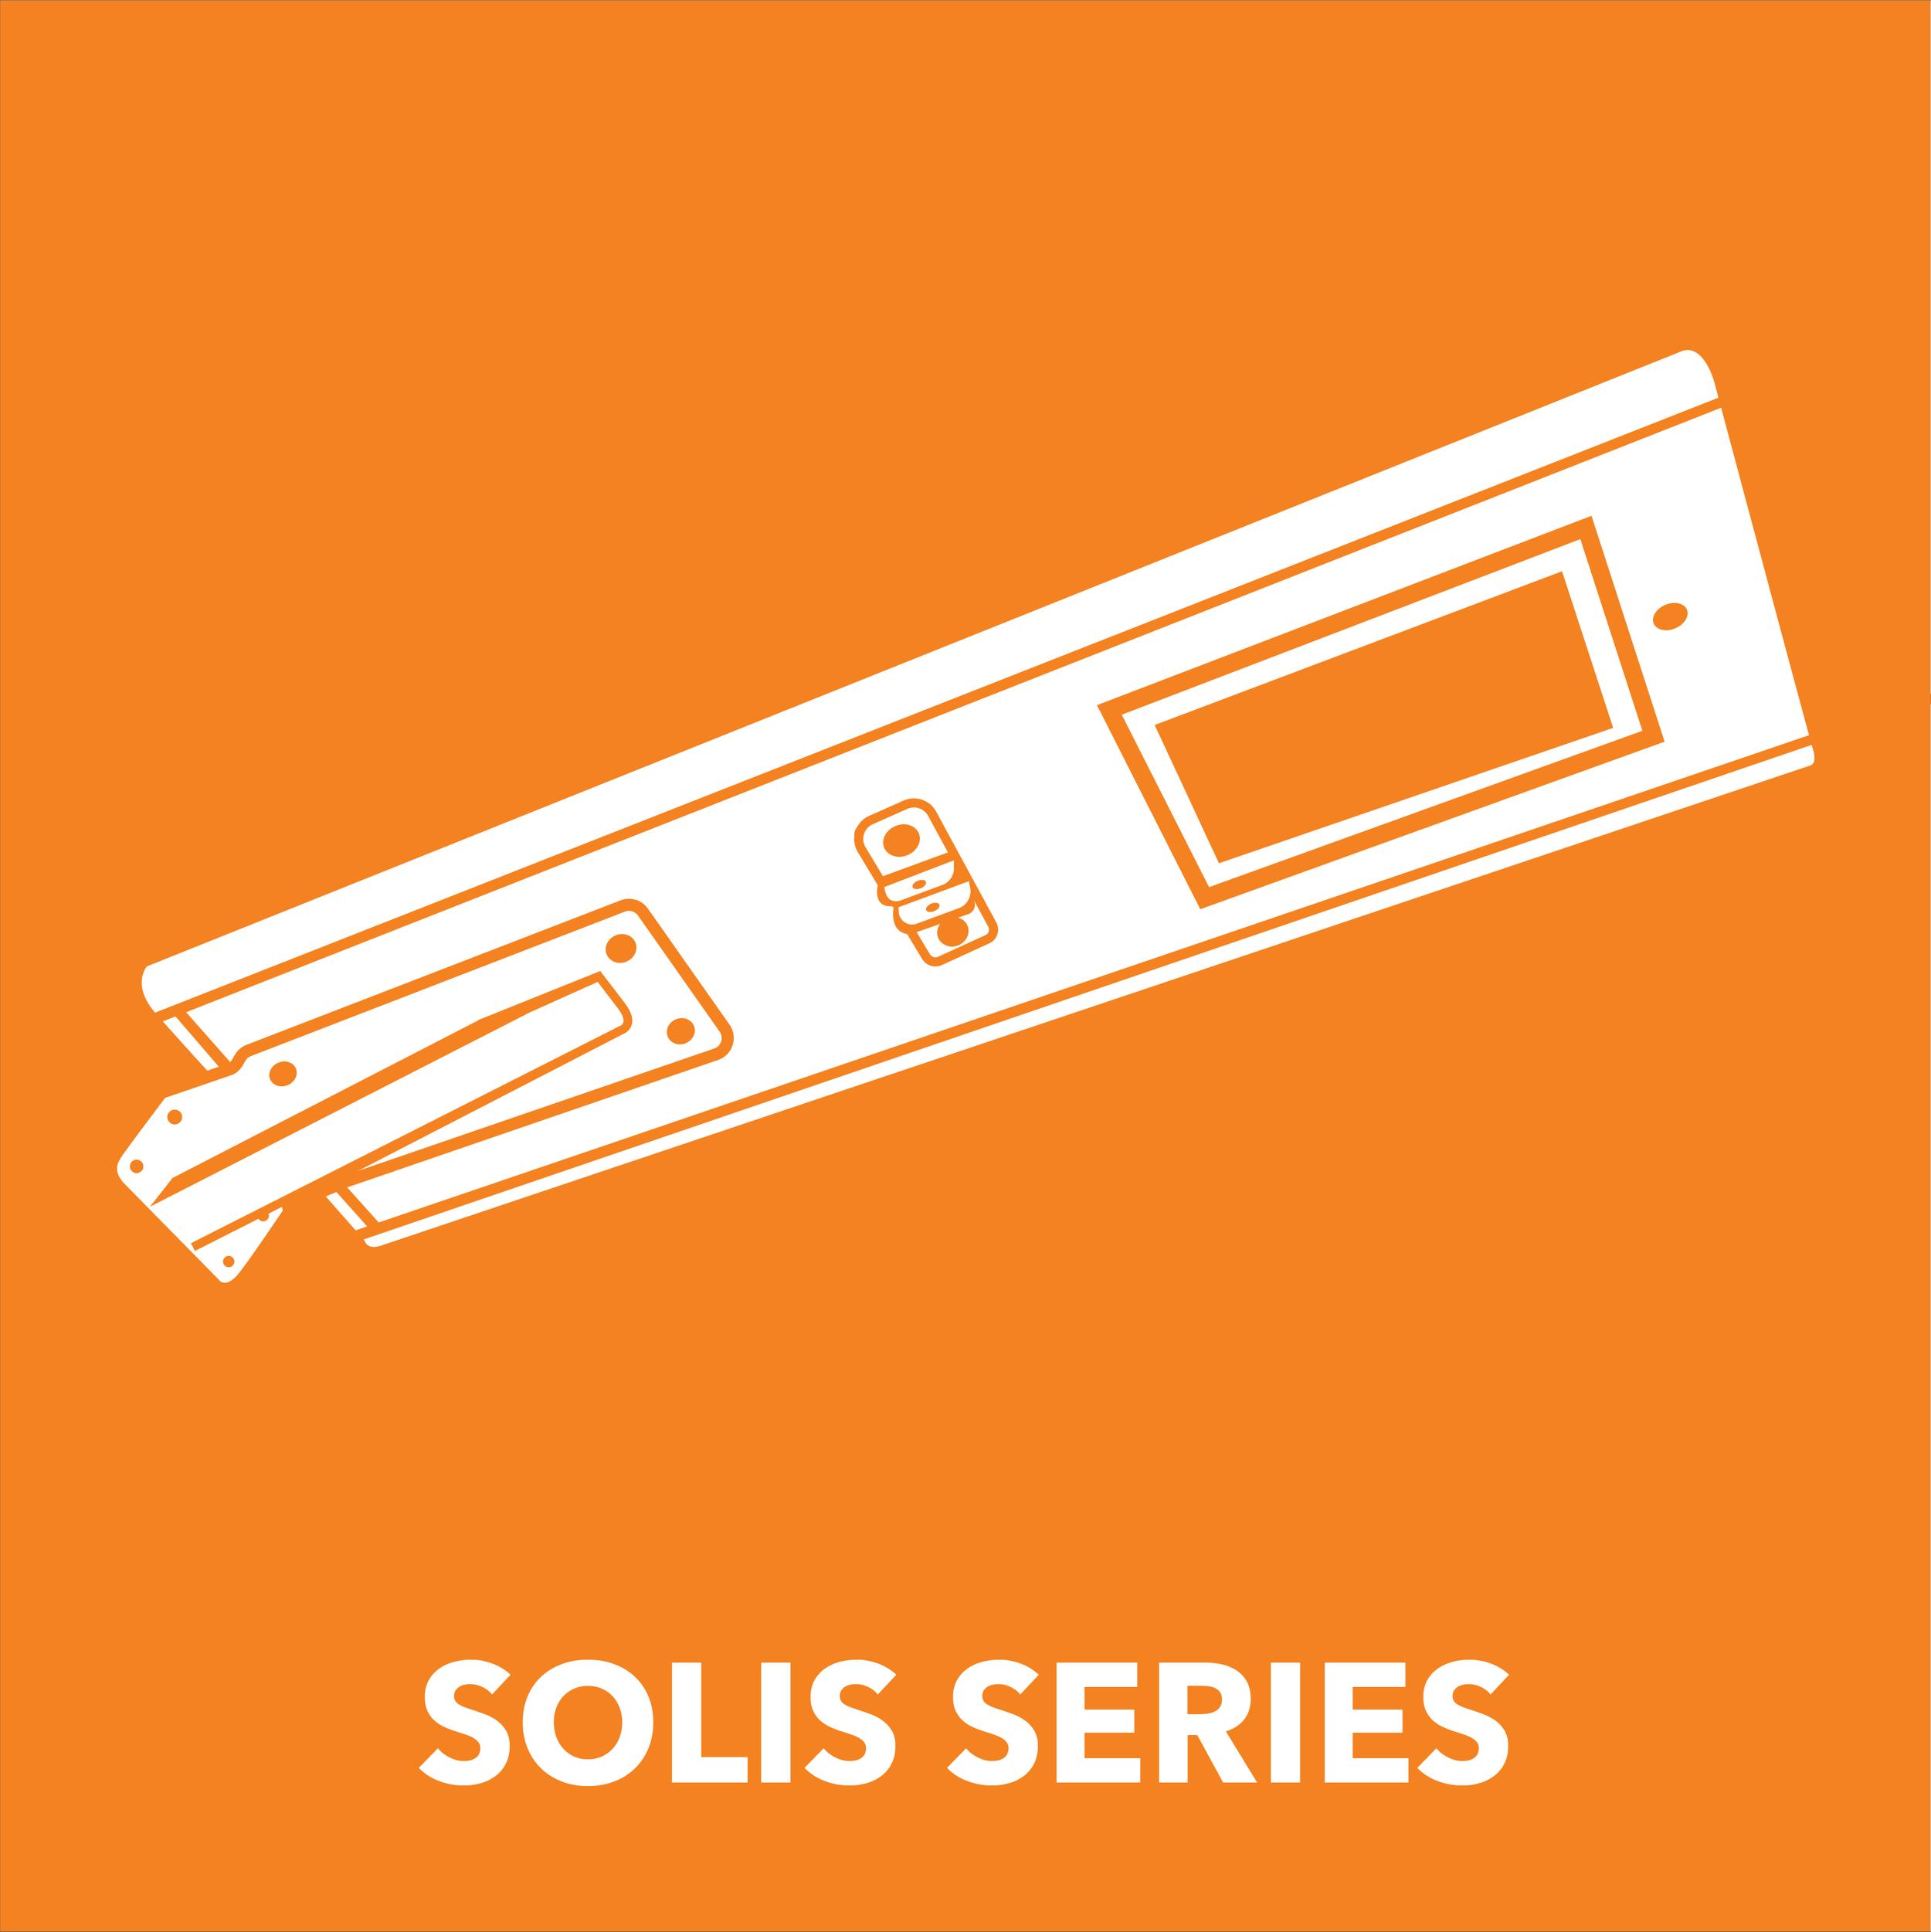 Greentek Solis Series